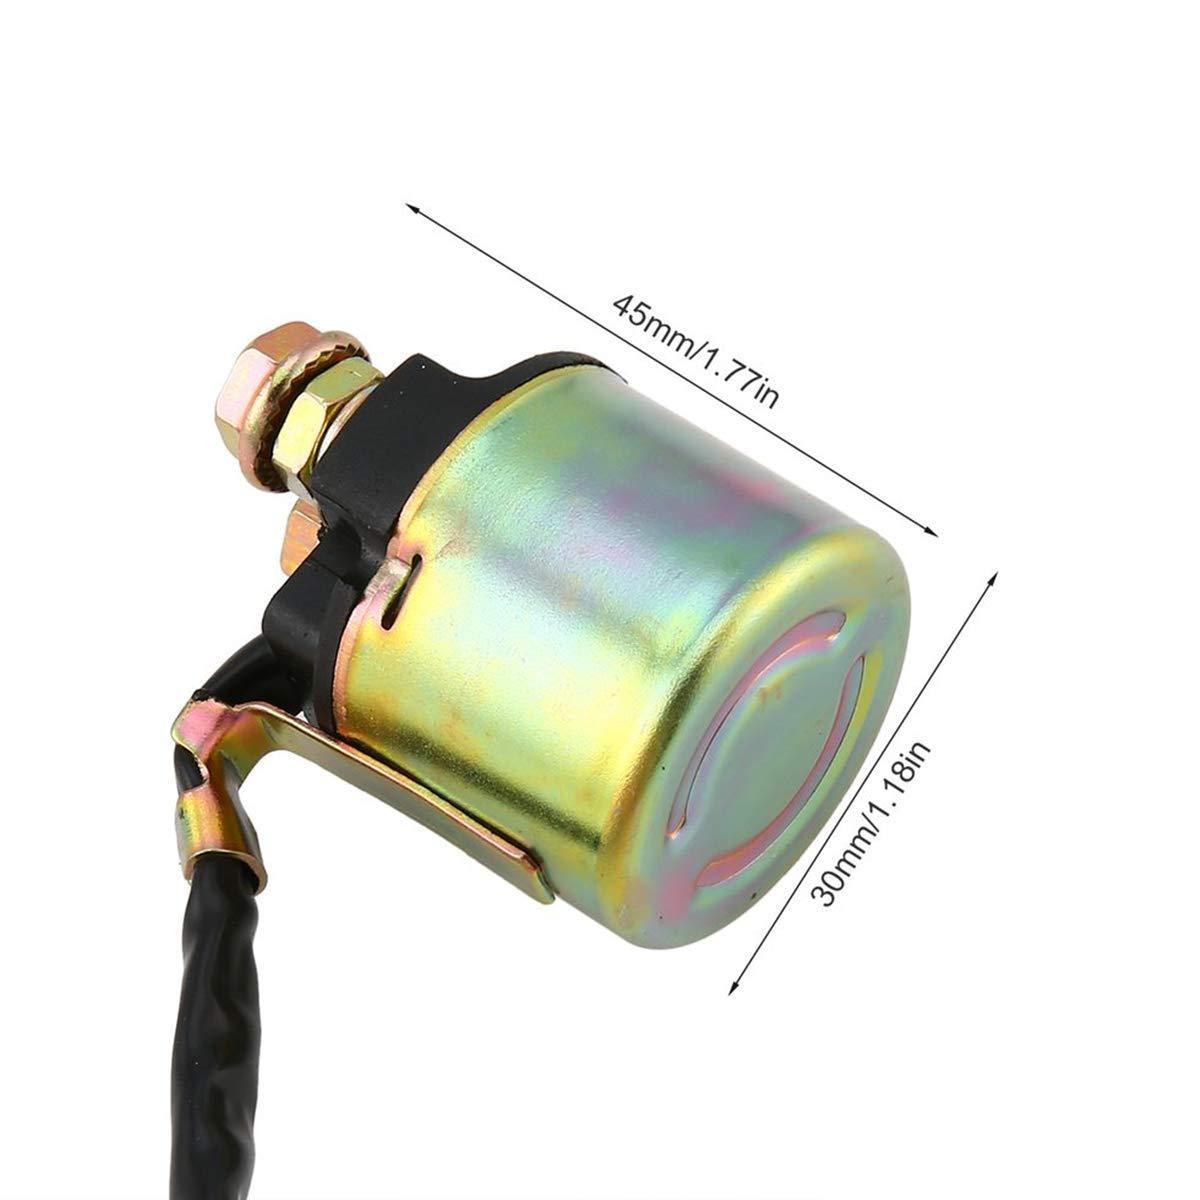 Dunhil Starter Solenoid Relay for Honda TRX90 TRX400 TRX450 TRX450ES TRX350 TRX500 TRX650 TRX680 Fourtrax Foreman Rancher